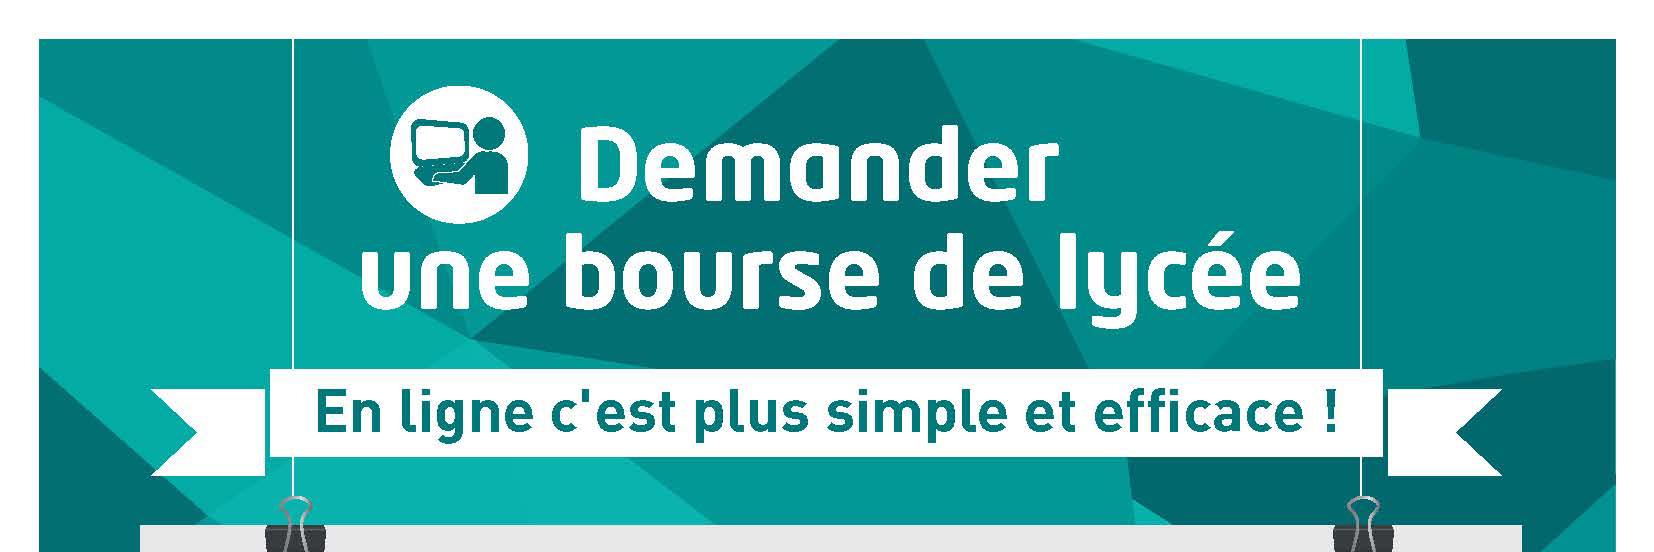 DEMANDER UNE BOURSE DE LYCEE